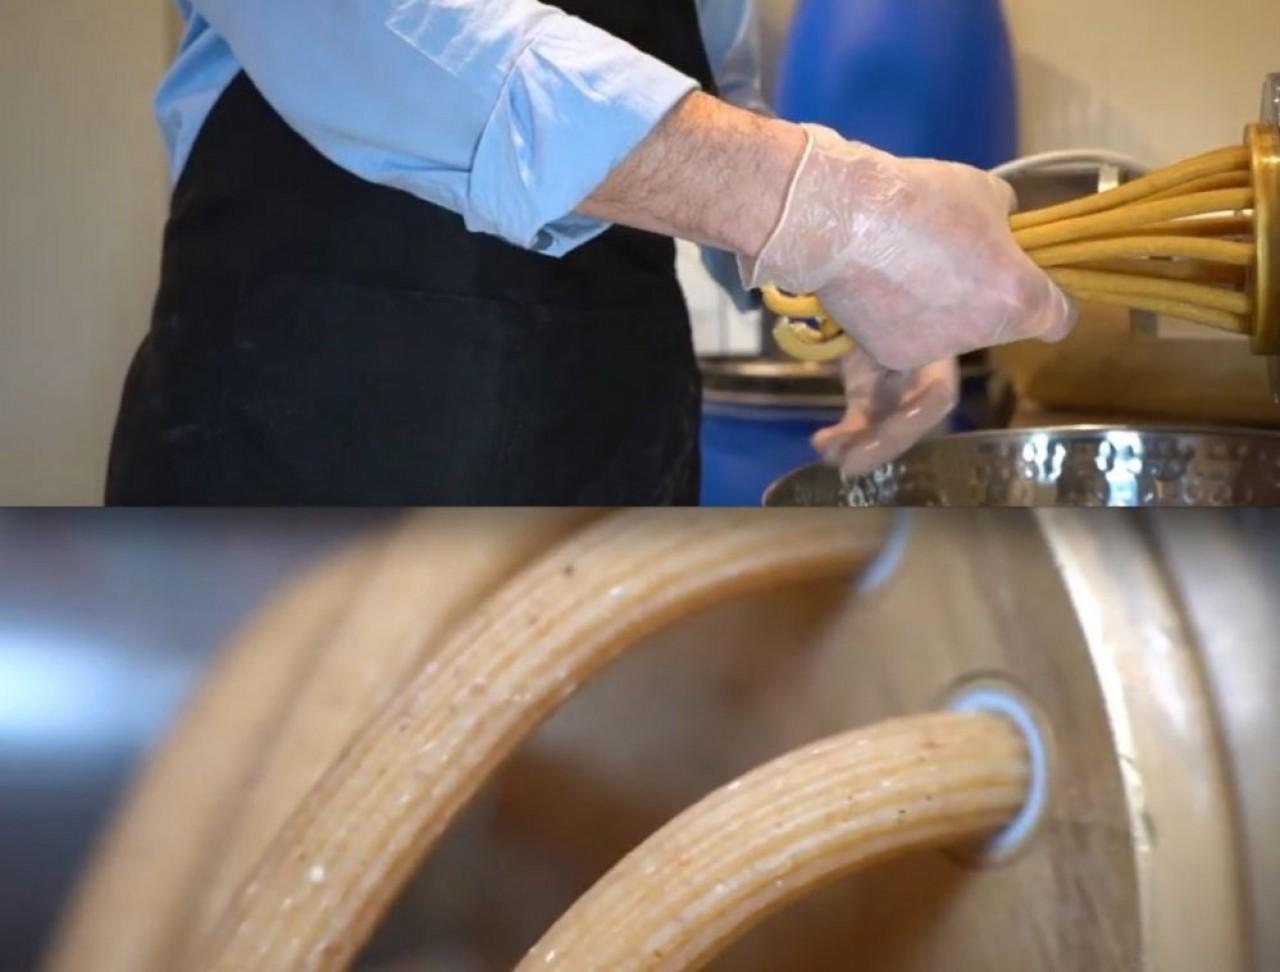 Sortie des pailles en pâte de la filière, ustensile donnant la forme voulue. Capture d'écran d'une vidéo rélaisée par © Benjamin Pawlica